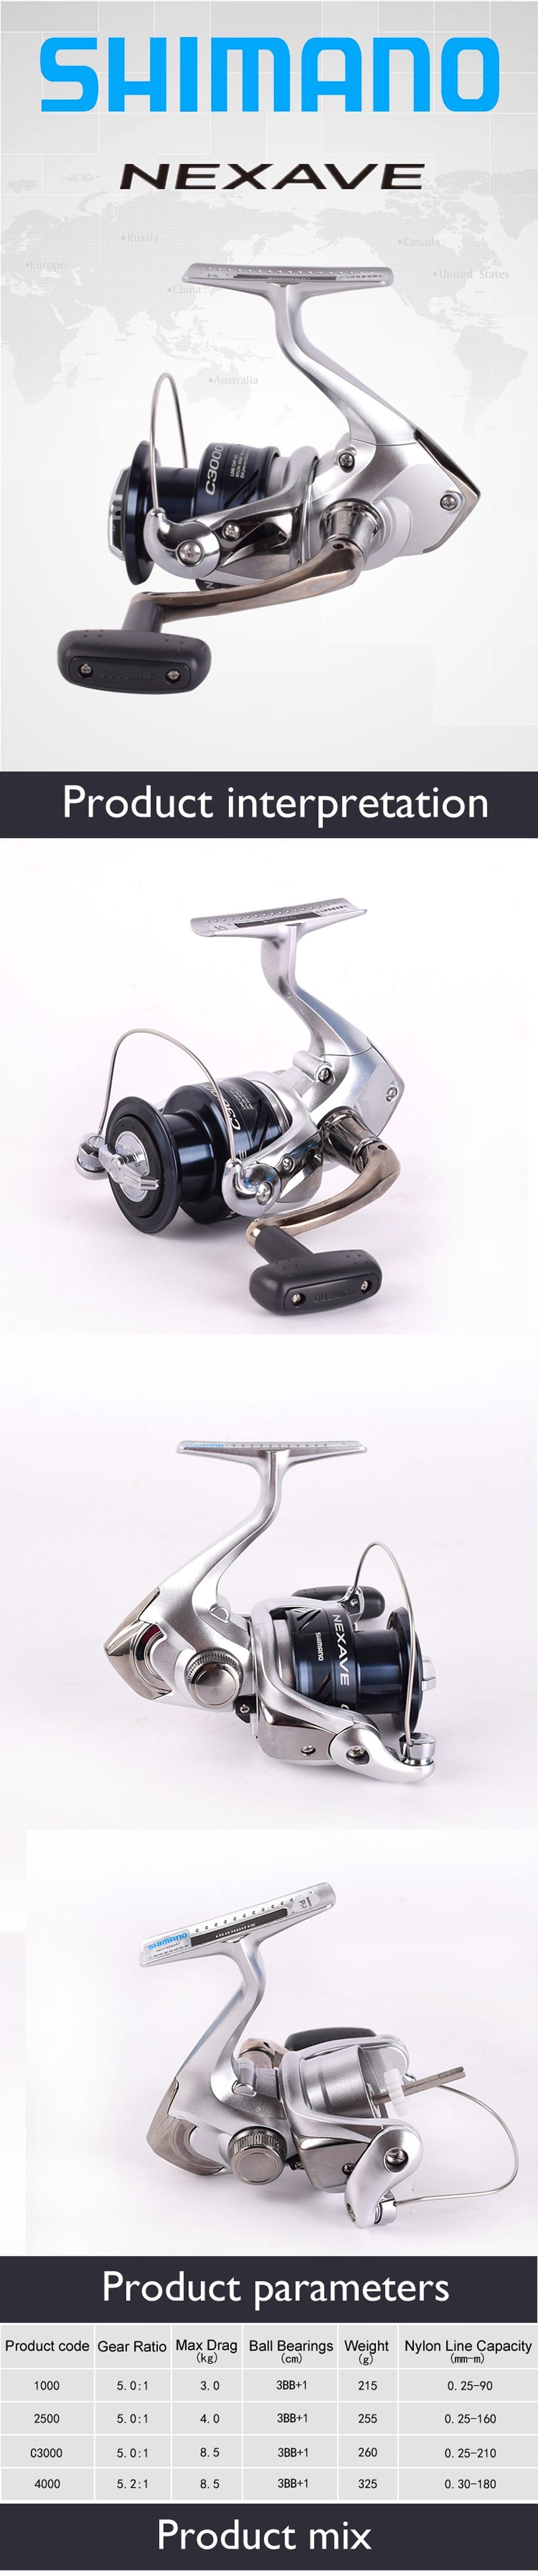 Shimano NEXAVE Spinning Fishing Reel